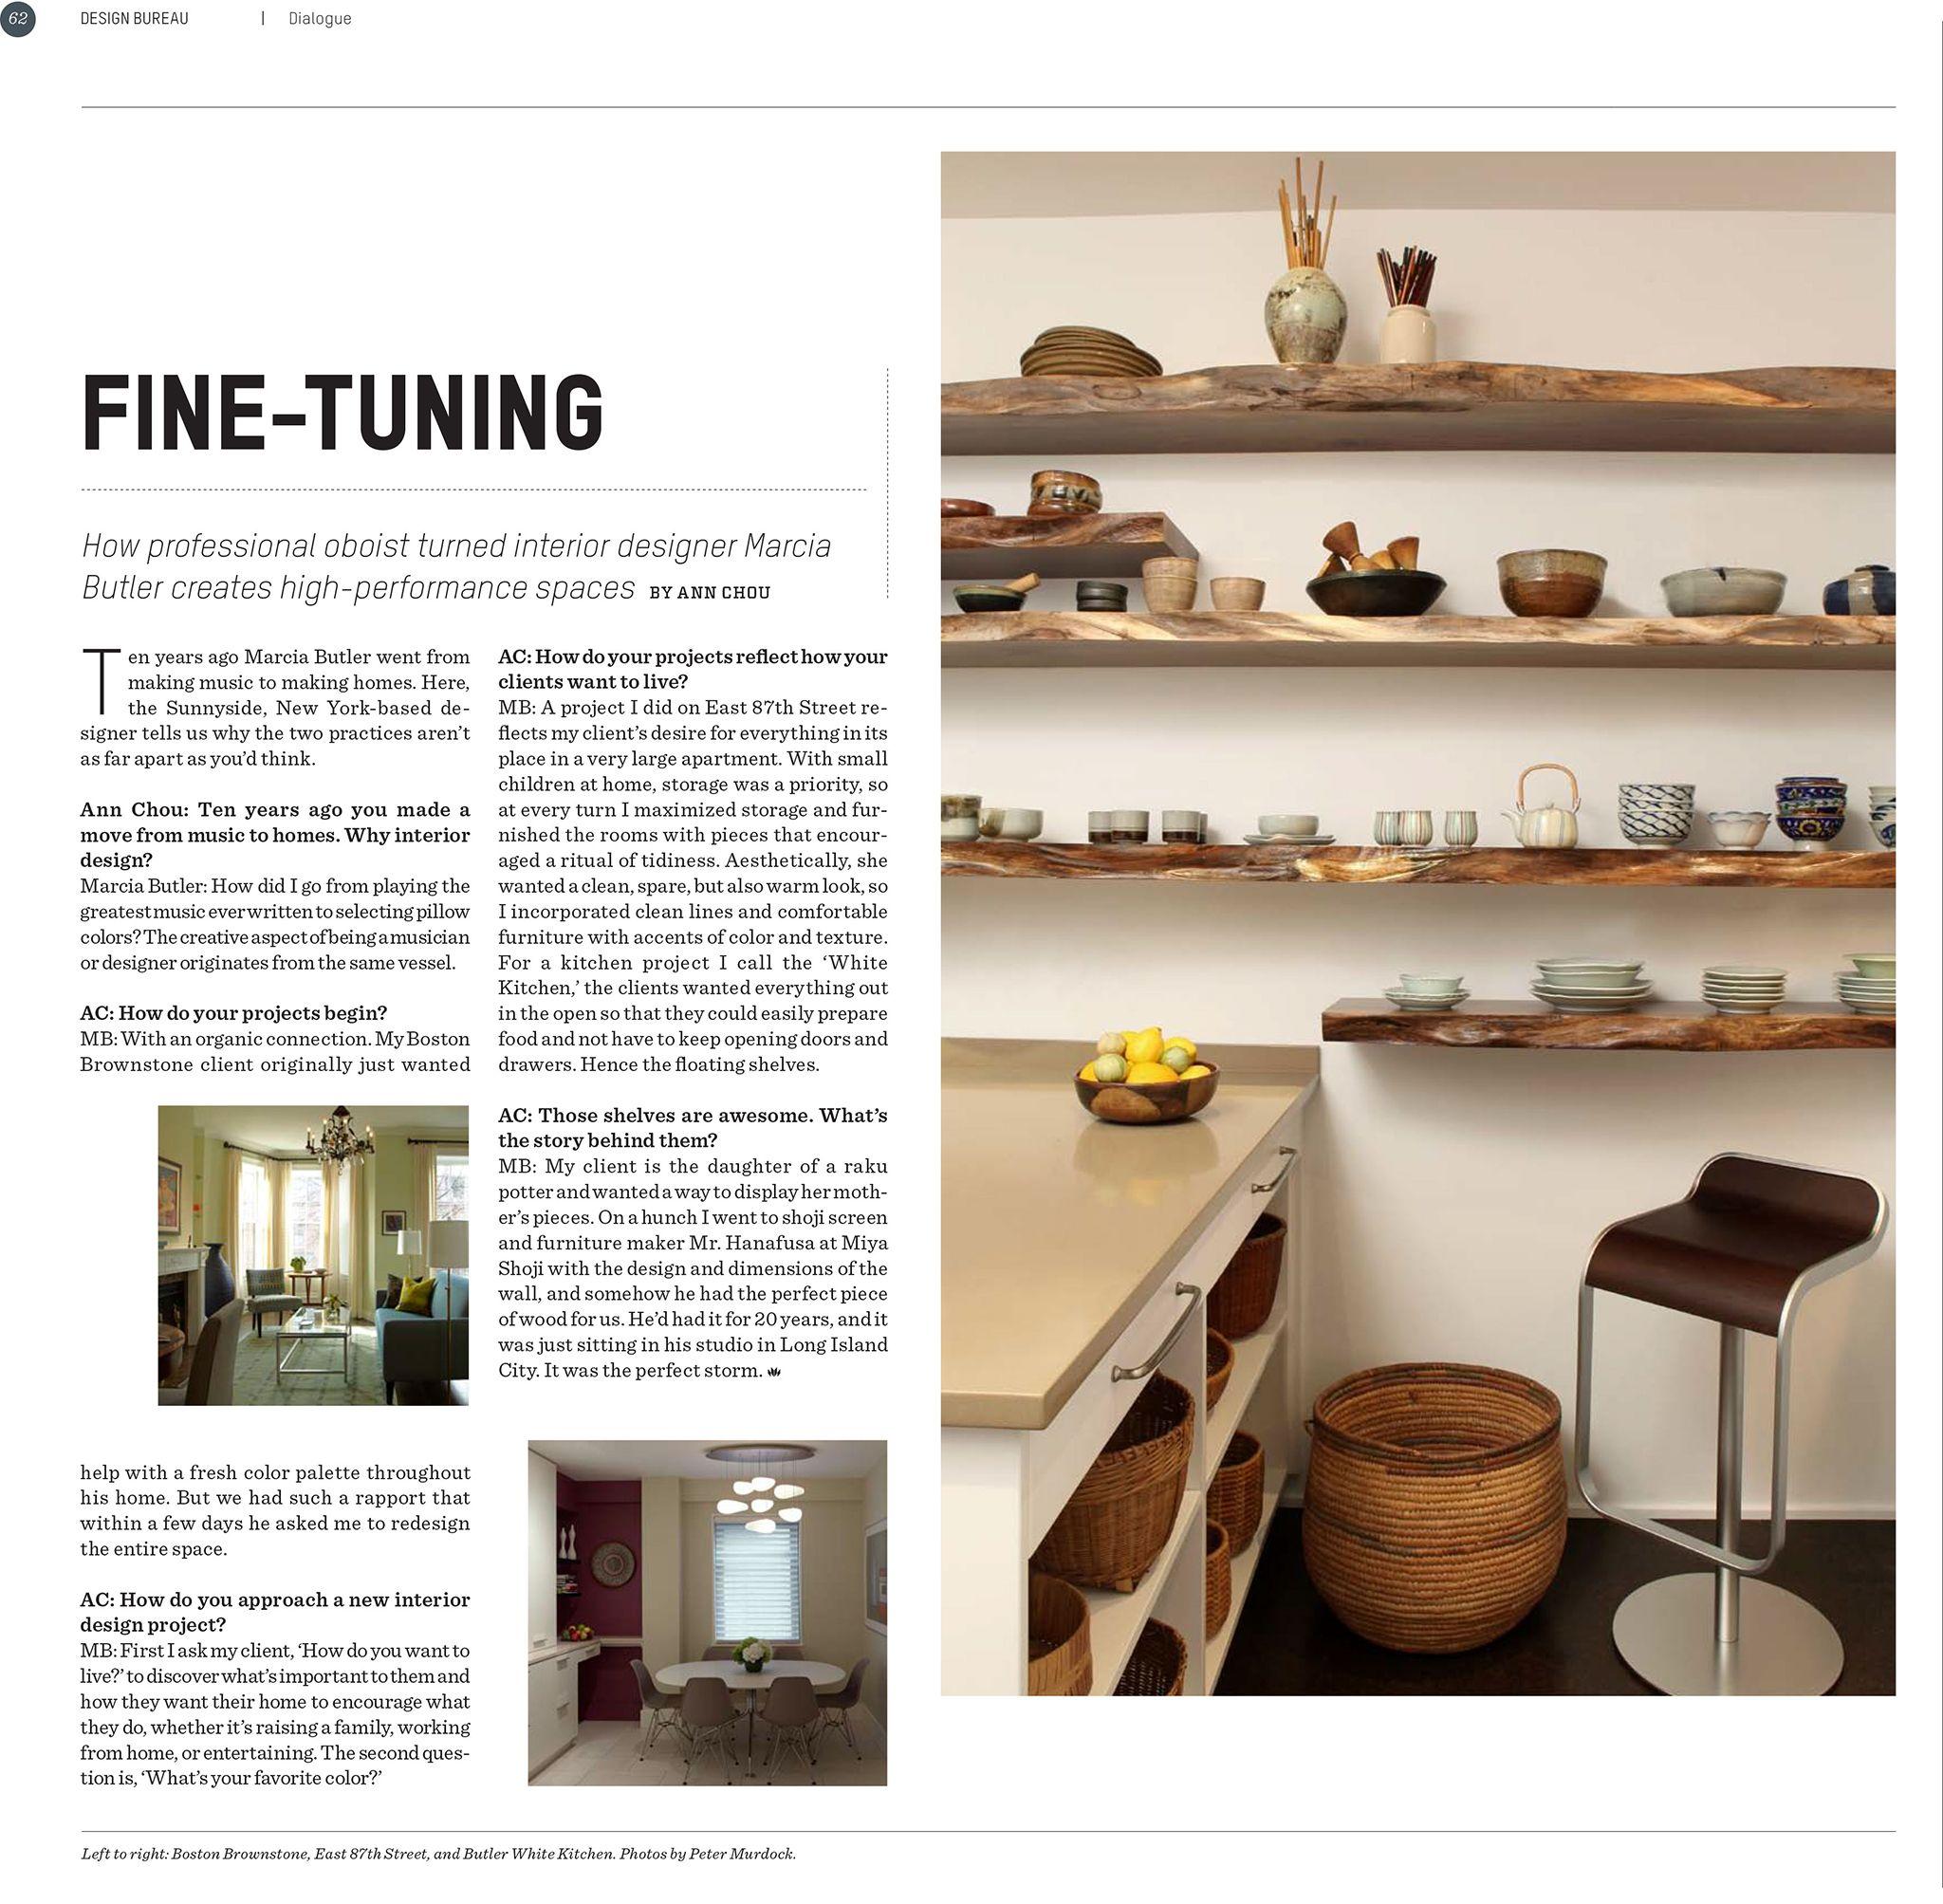 design bureau logo article thumbnail - Bureau Design